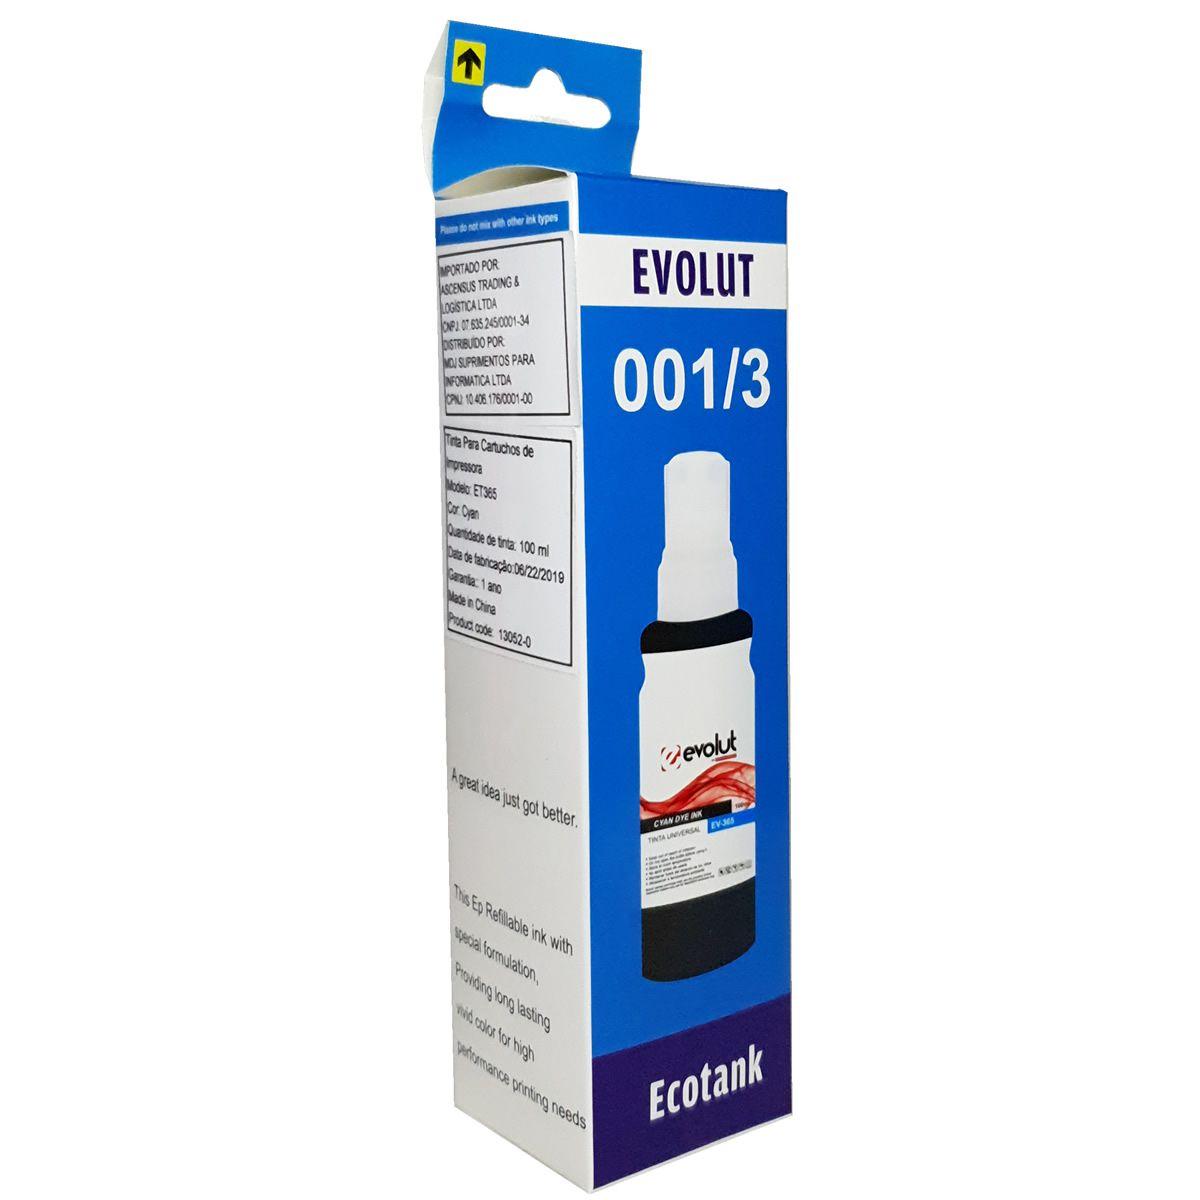 Refil de tinta T504220 Ciano para ecotank L4150 L4160 L6161 L6171 L6191